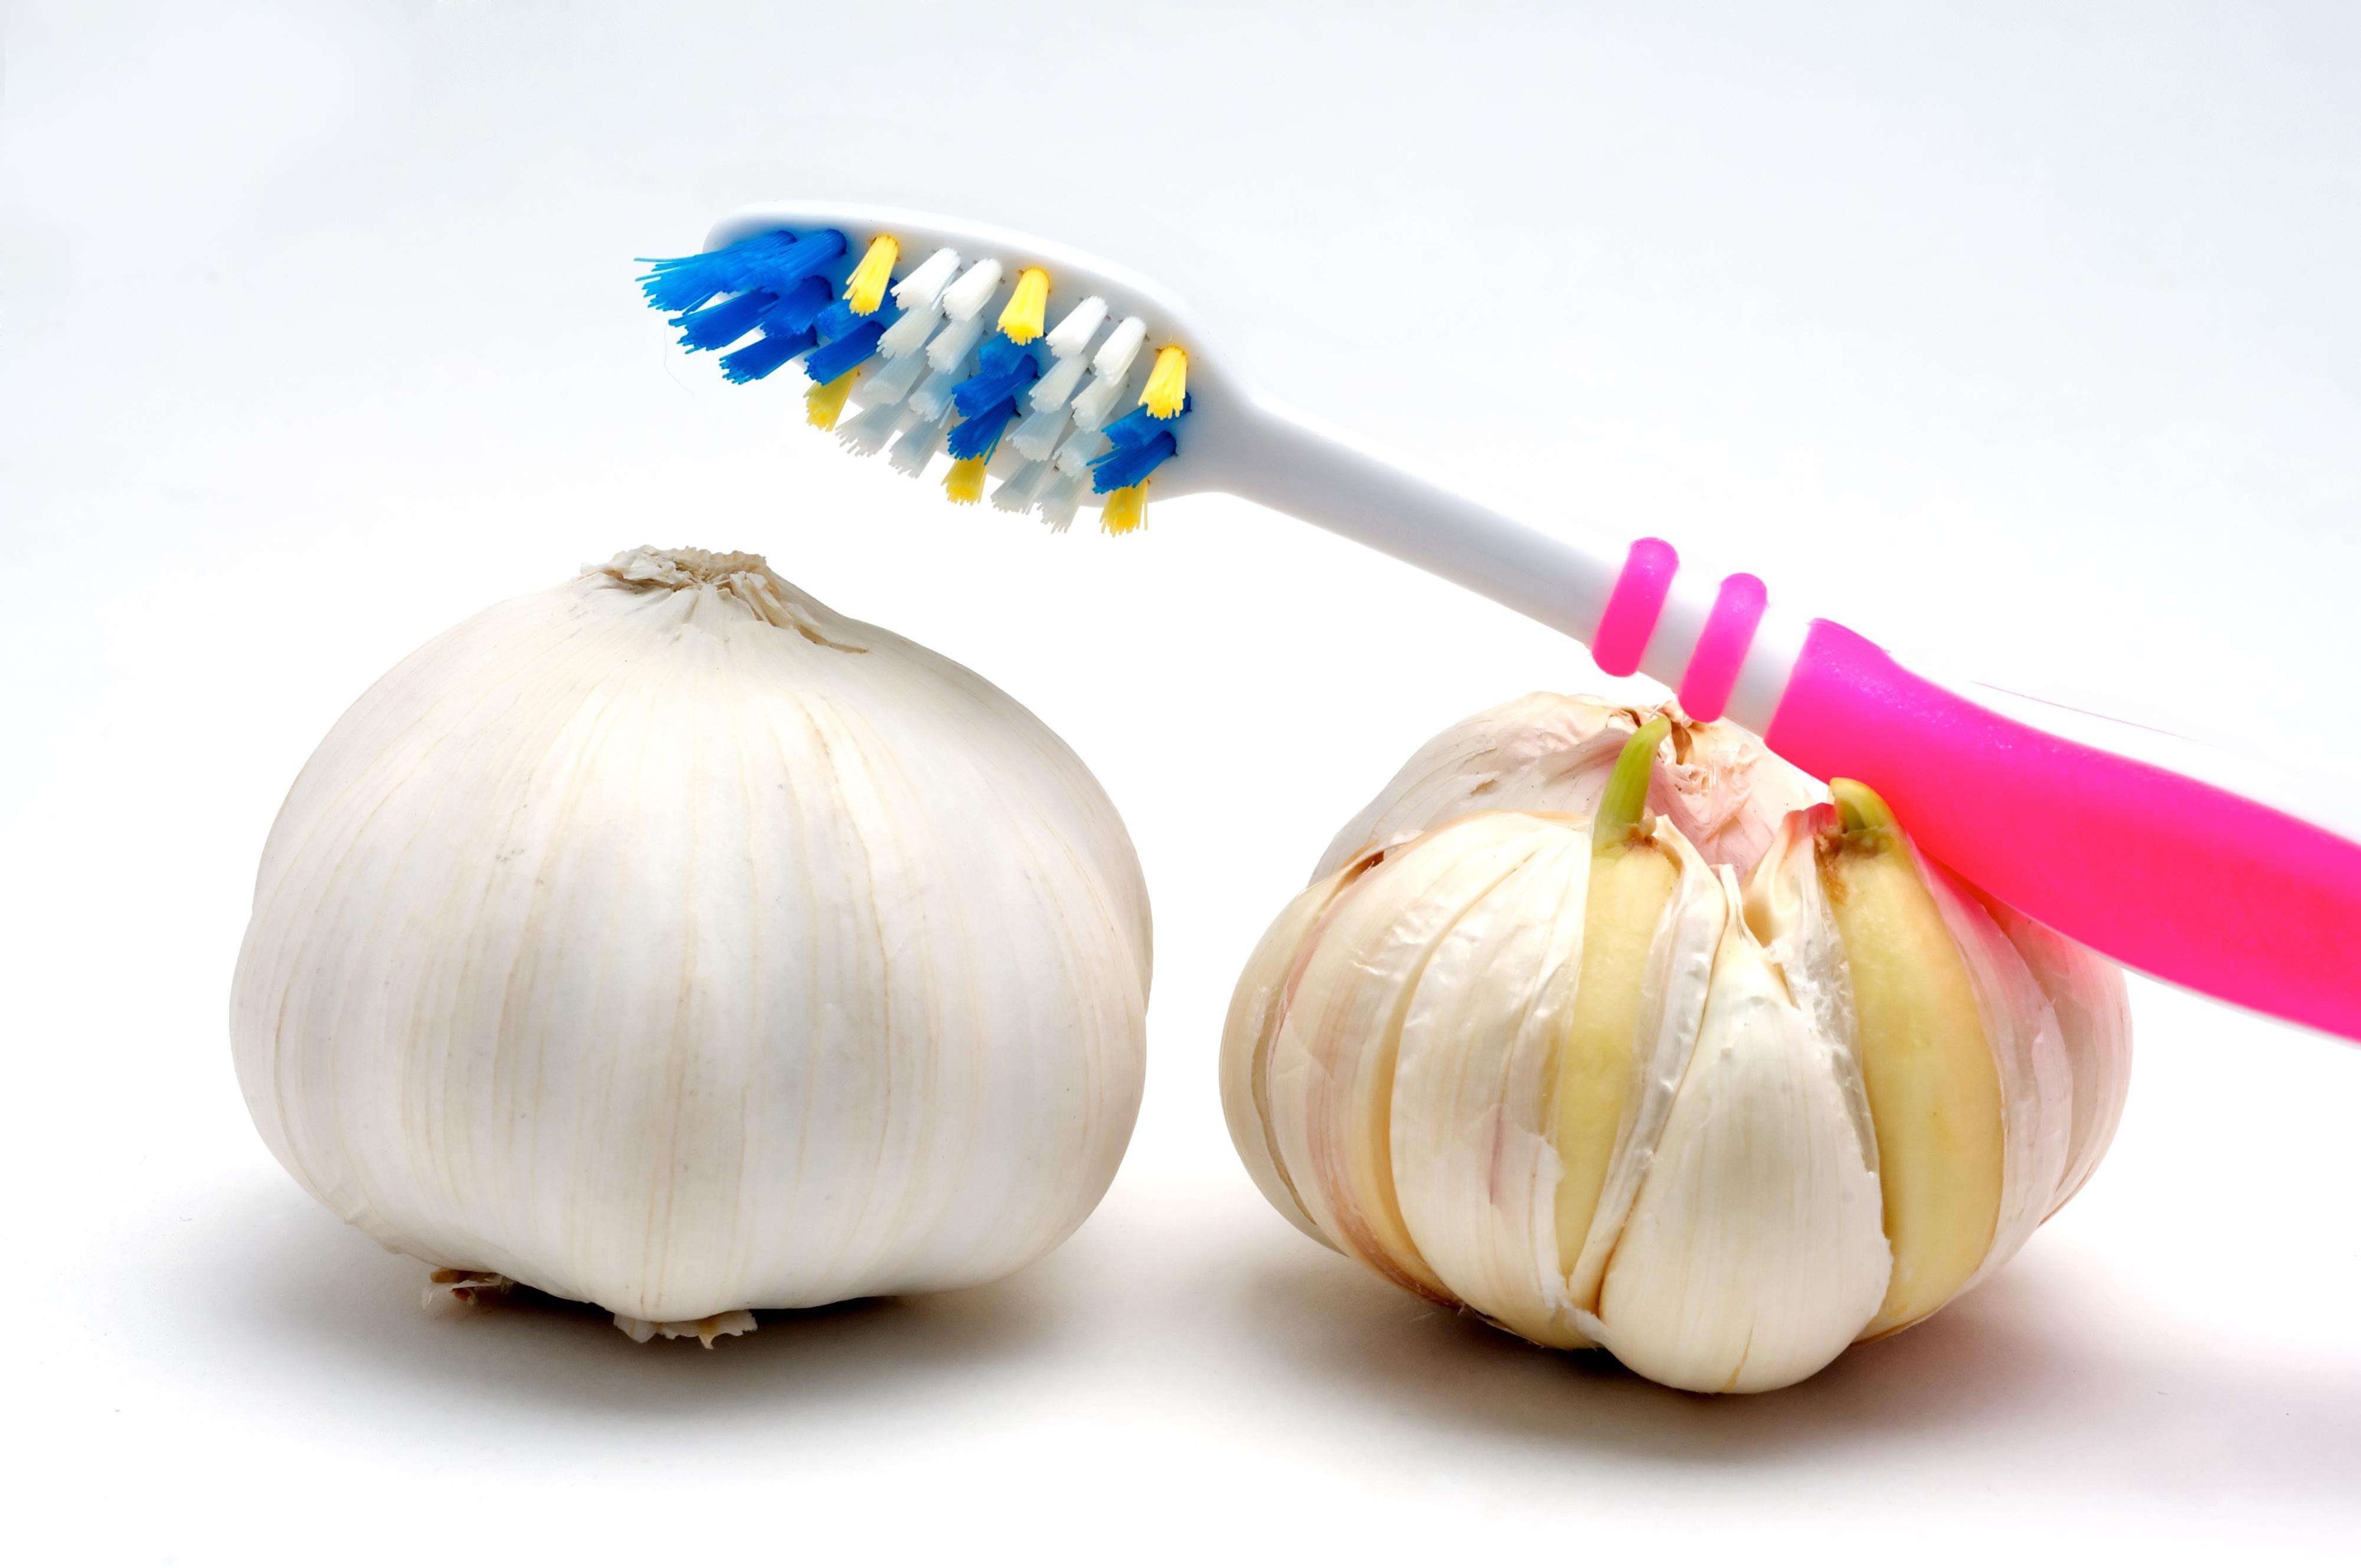 Alguns compostos do algo e da cebola não podem ser decompostos durante a digestão, sendo liberados pela respiração e suor Foto: chuckstock/Shutterstock